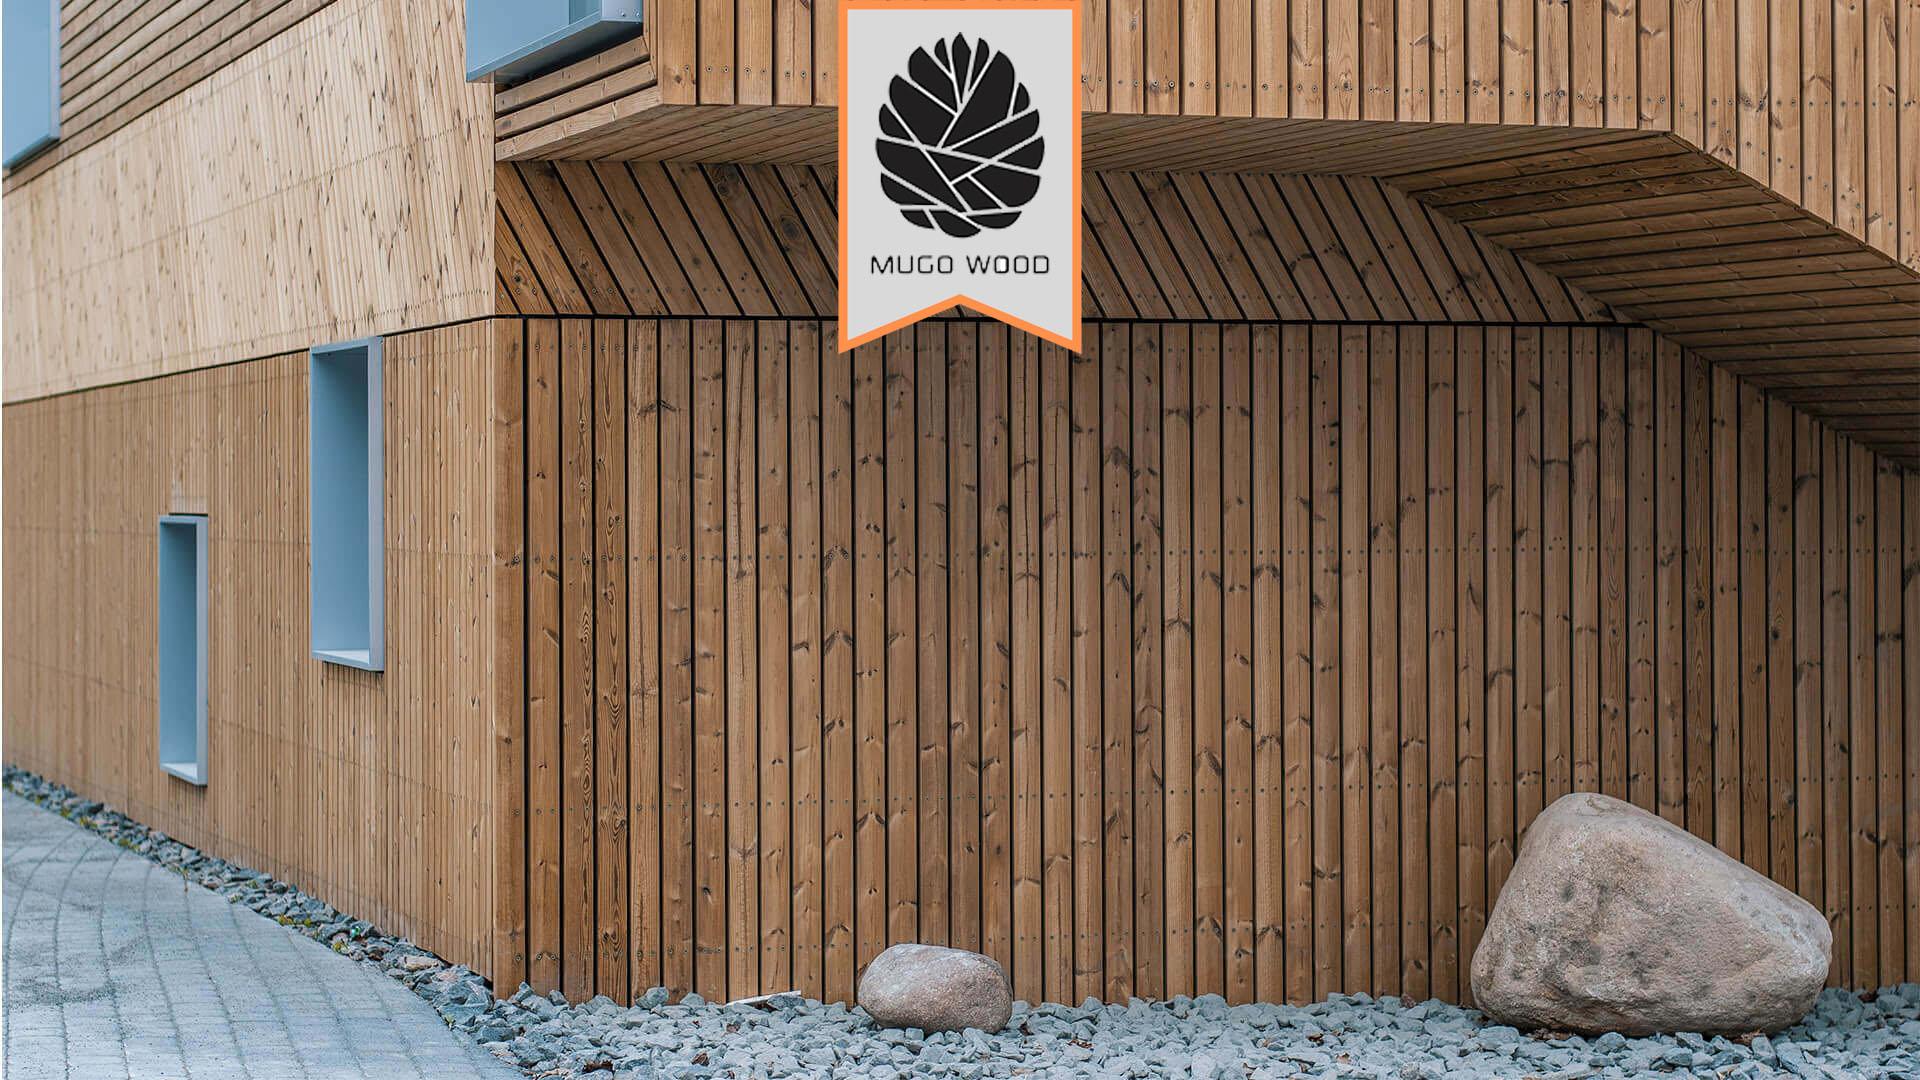 خرید چوب ترموود فنلاندی 92*42 - عرض چوب ترموود - فروش چوب ترموود در تهران - ترموود چوب ترموود - ترموود - ترمووود - چوب ترمو - چوب ترموود - ترموود ایرانی